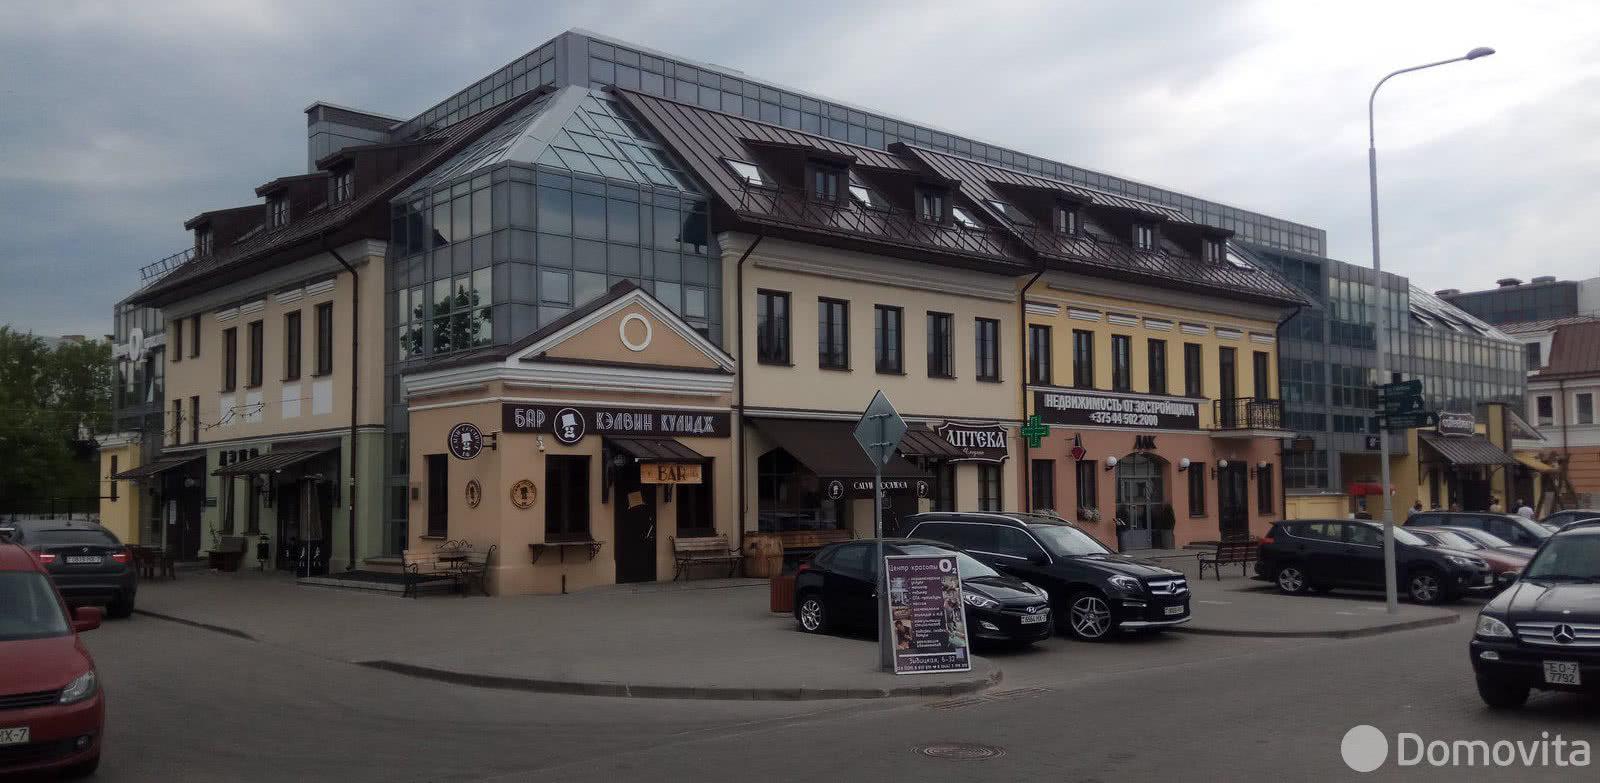 Бизнес-центр БЦ На торговой набережной - фото 1